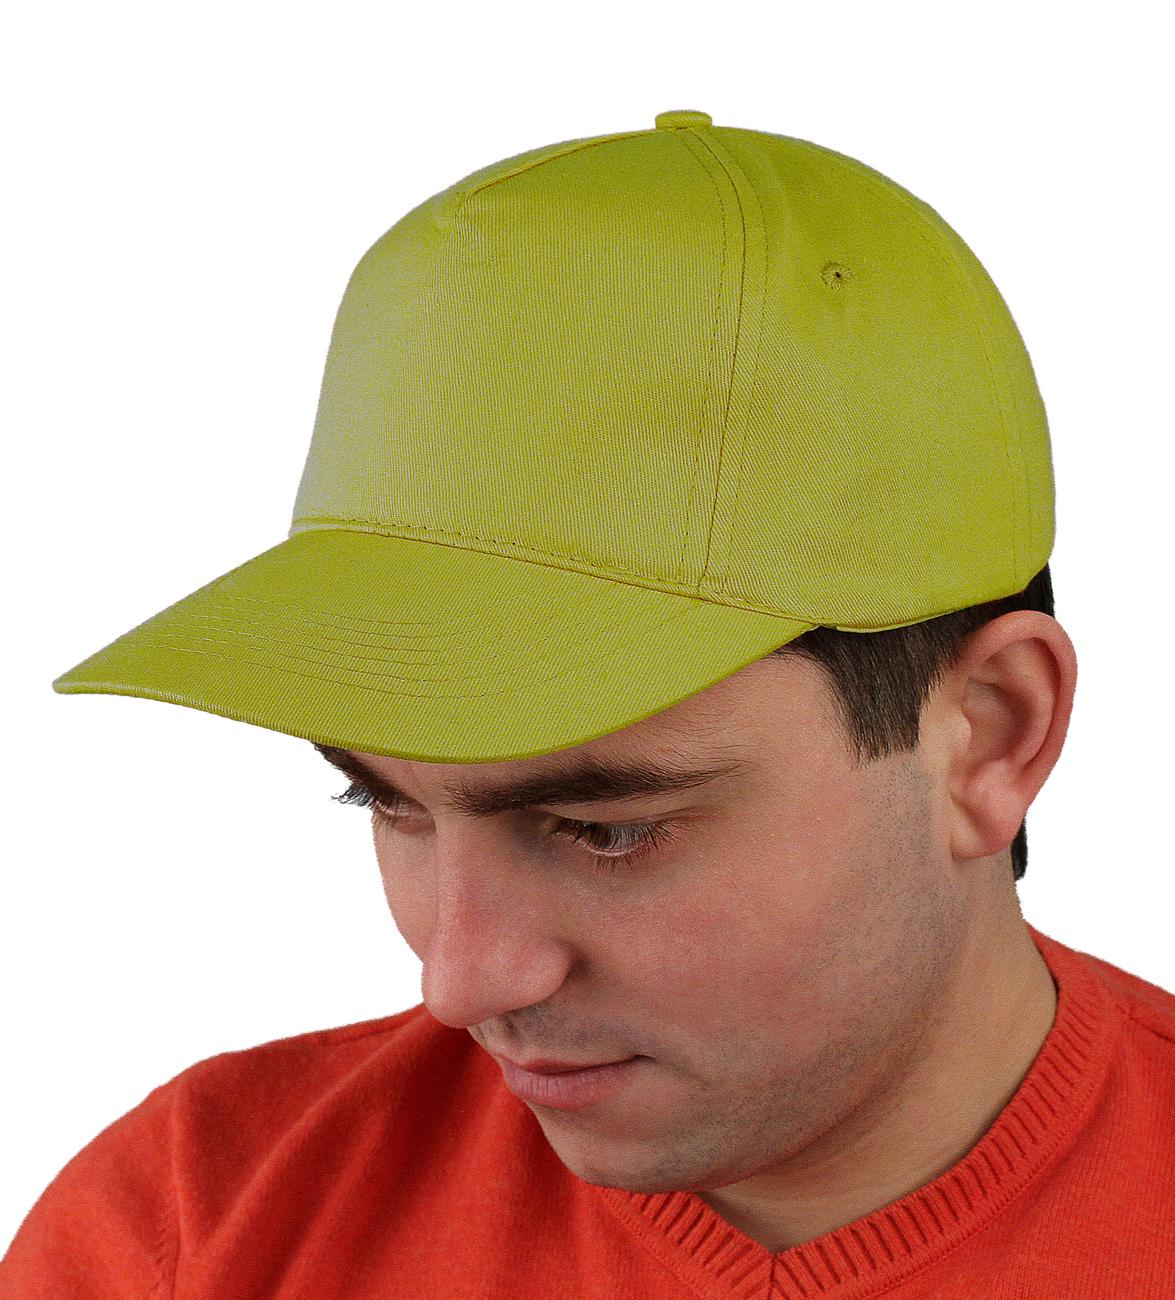 загрязнение кепки